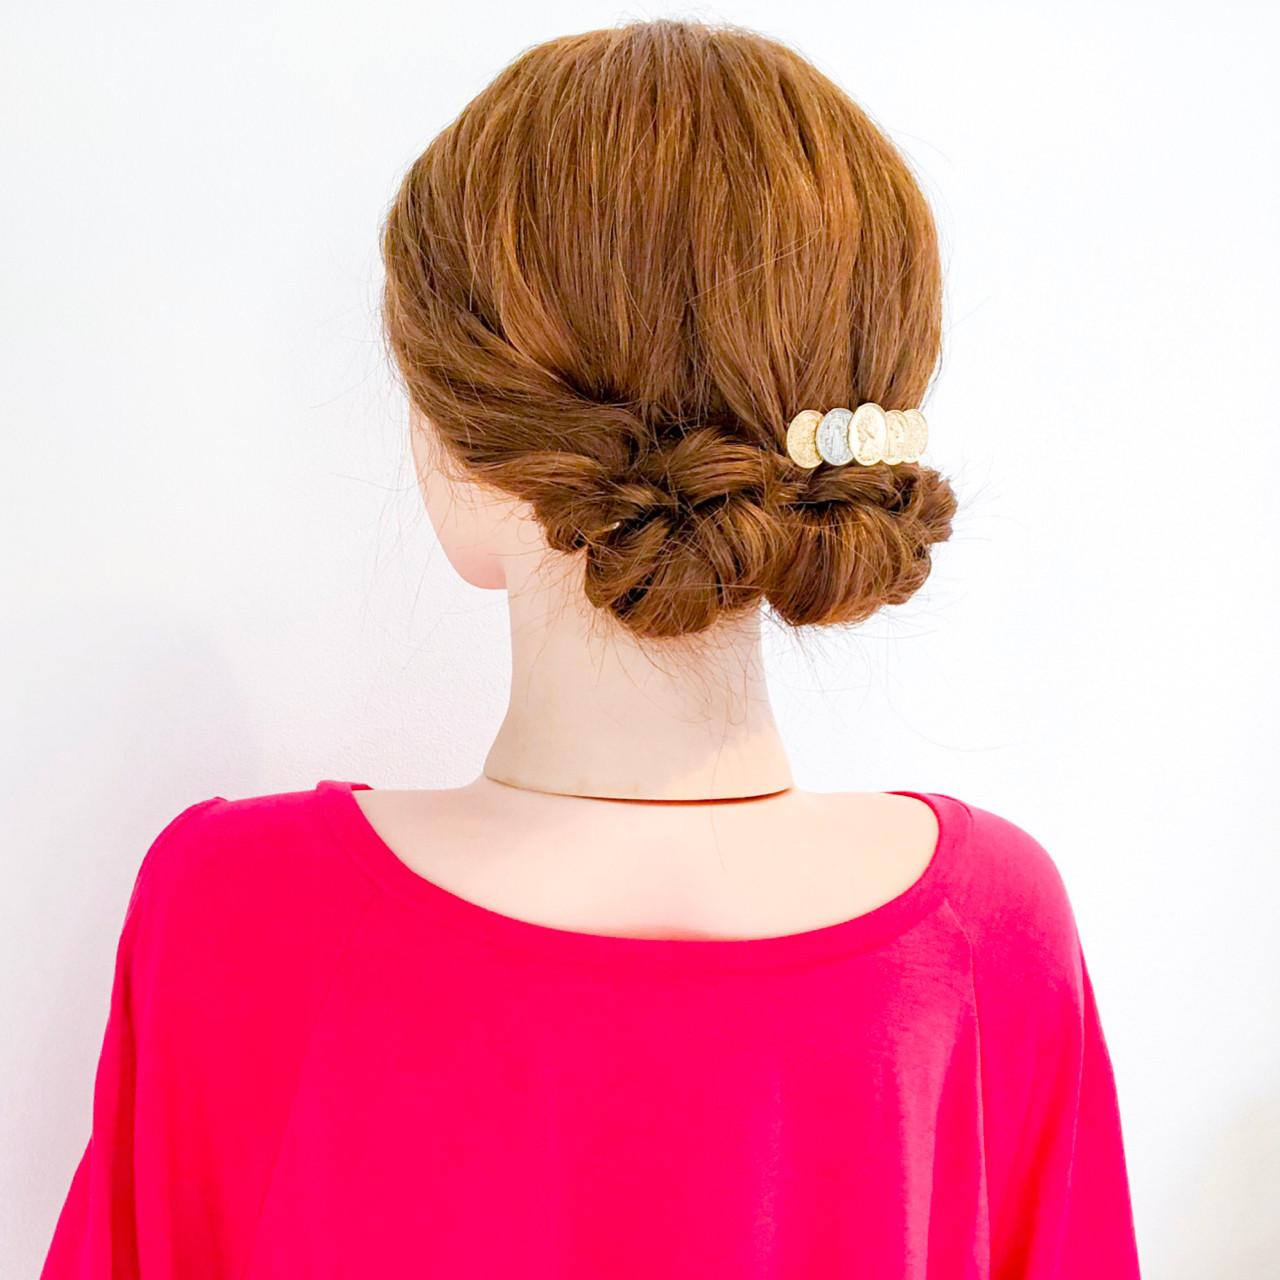 結婚式 簡単ヘアアレンジ オフィス 涼しげ ヘアスタイルや髪型の写真・画像 | 美容師HIRO/Amoute代表 / Amoute/アムティ